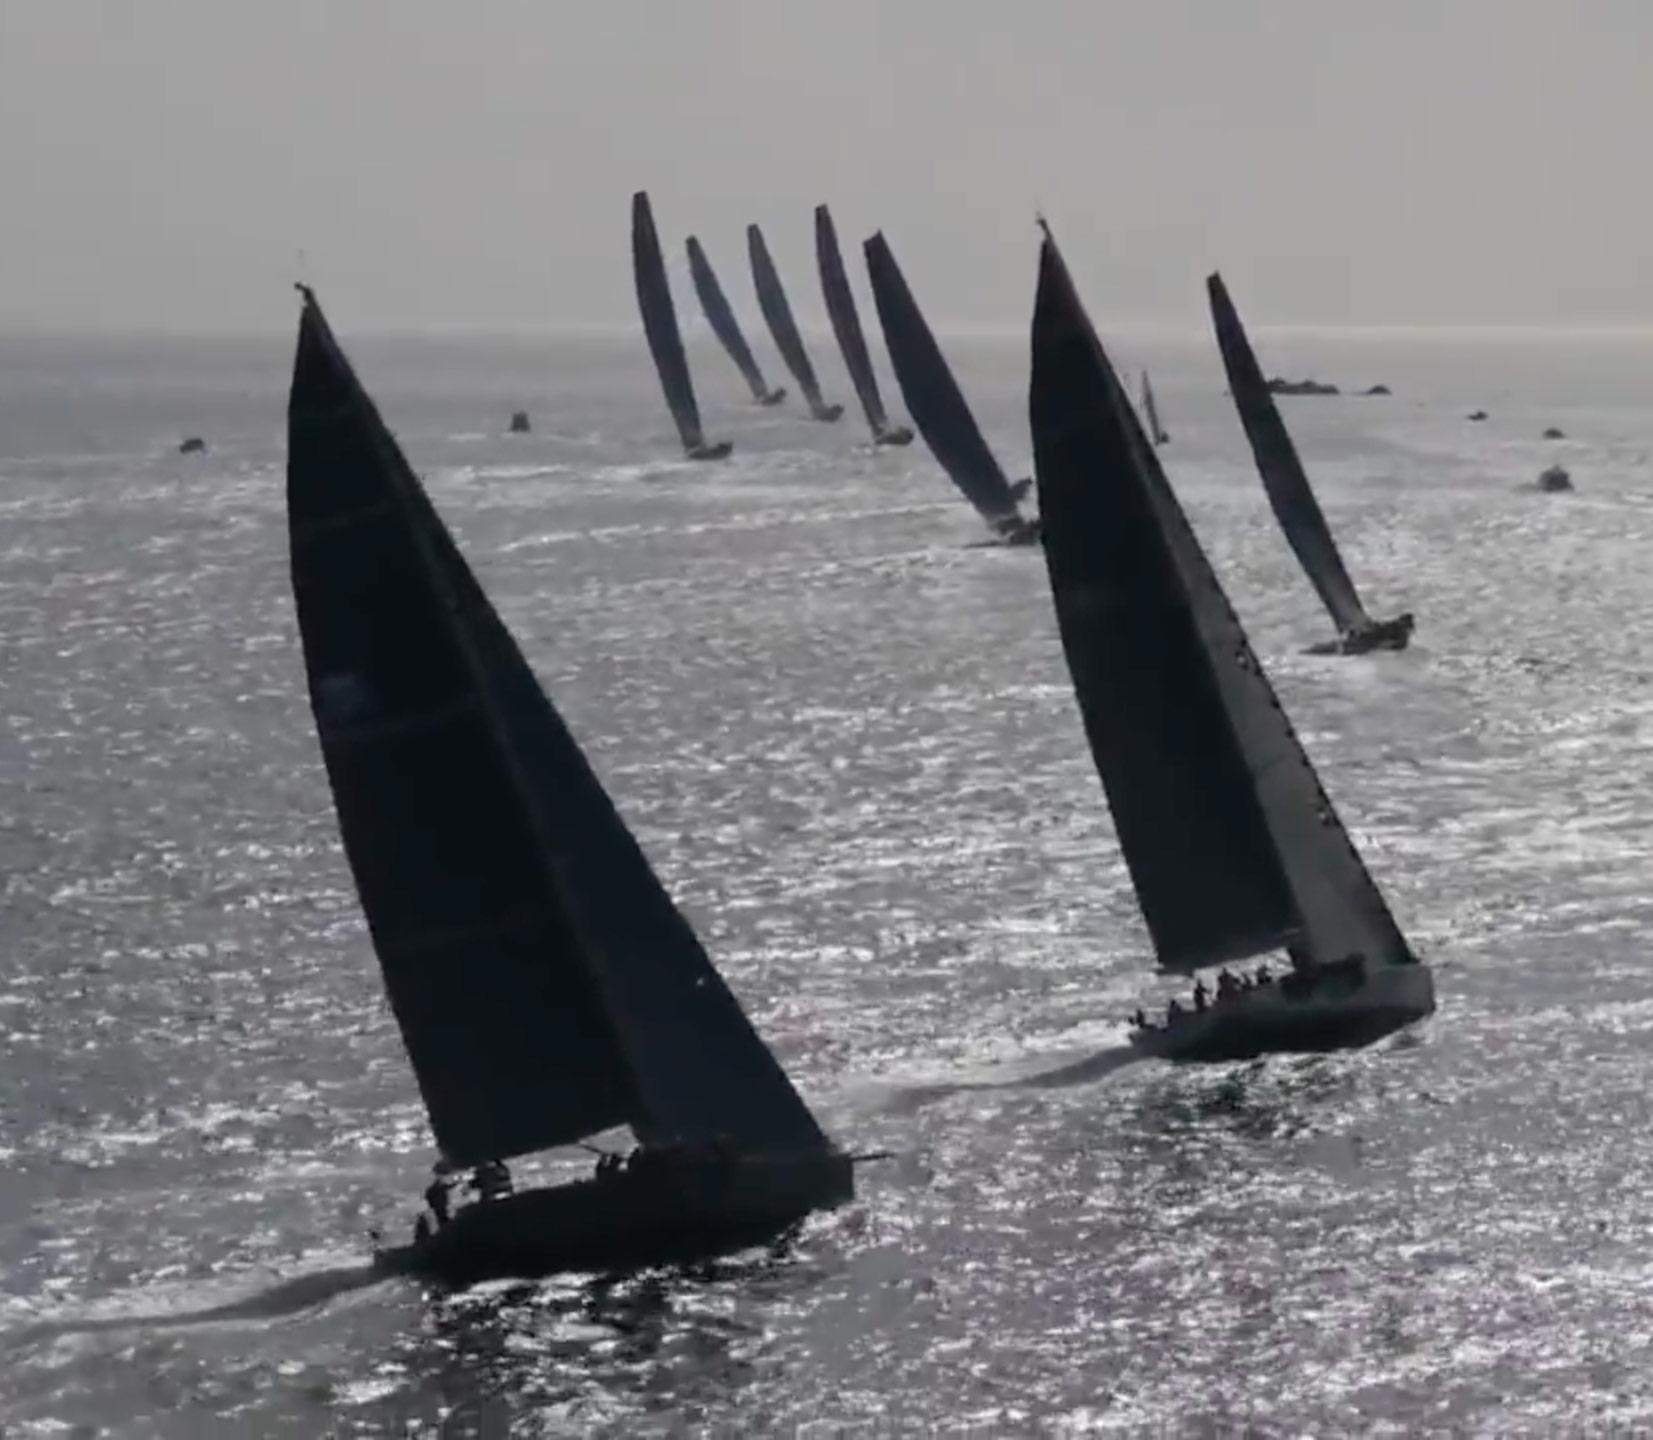 wally-regatta